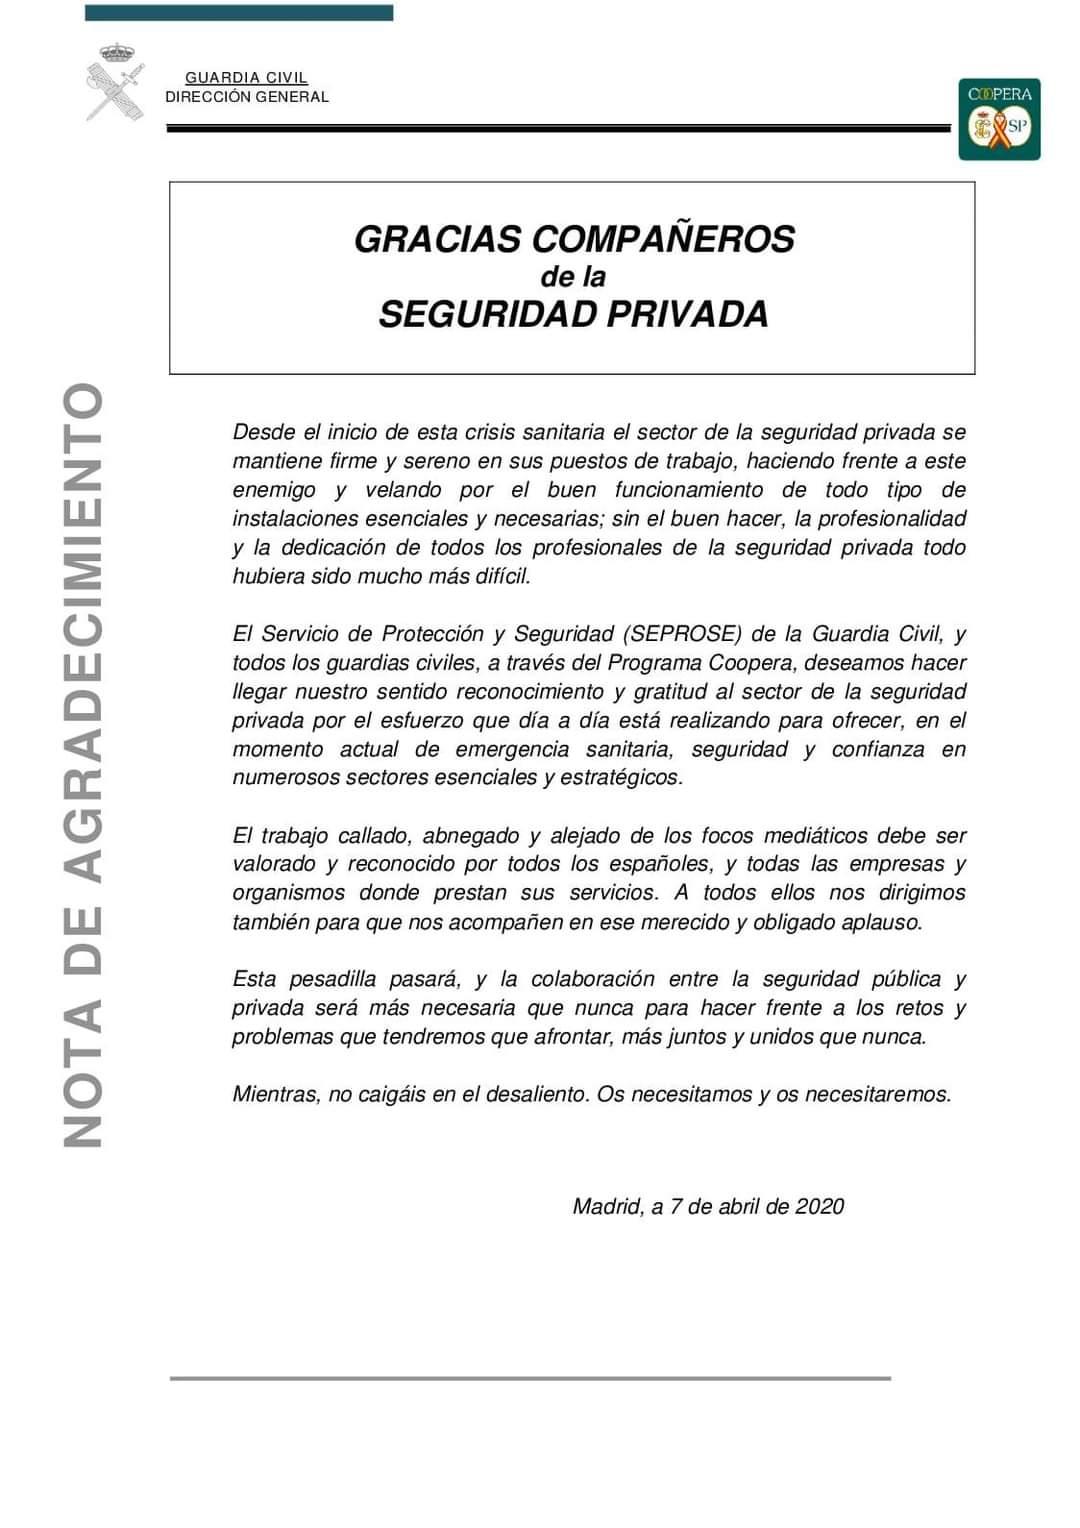 WhatsApp Image 2021 04 19 at 11.43.23 detectives Sevilla